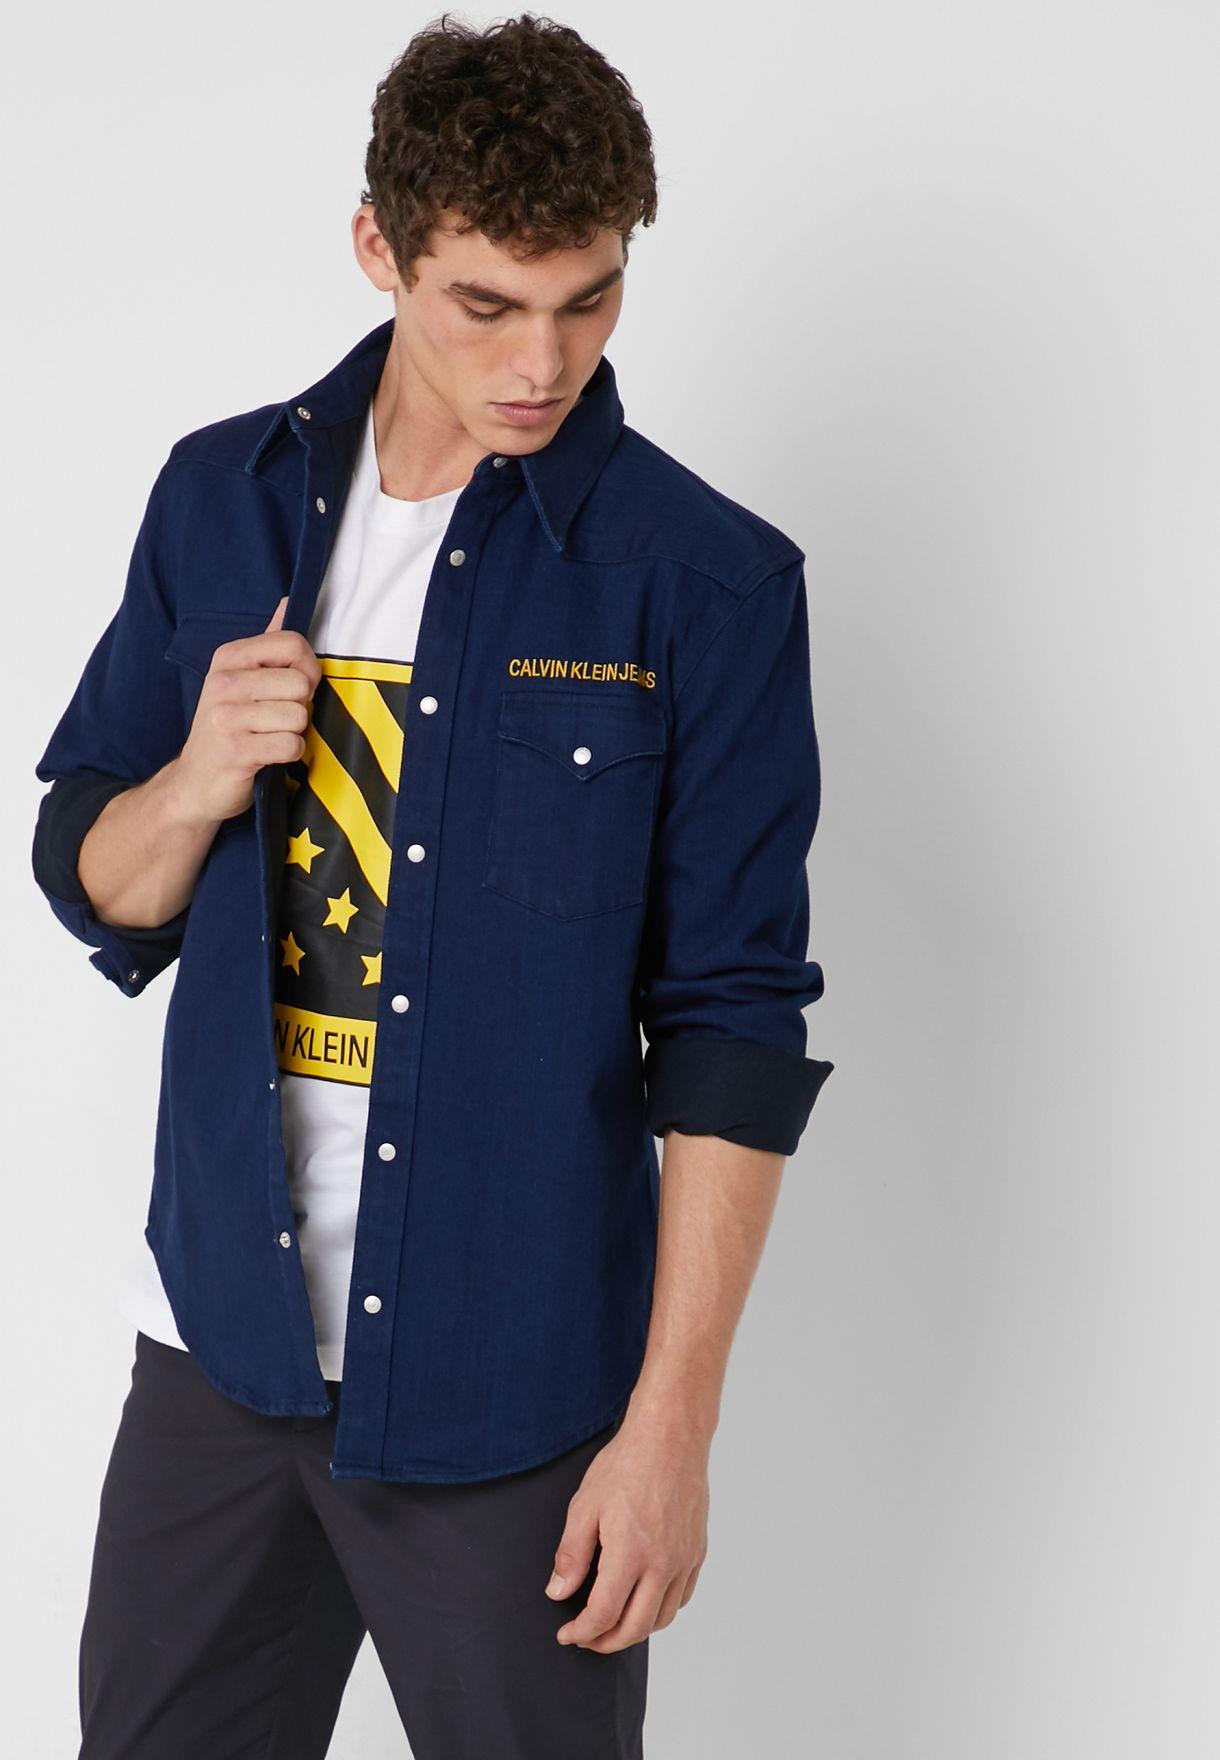 caf416c9 Shop Calvin Klein Jeans blue Foundation Western Shirt J30J311739 for ...